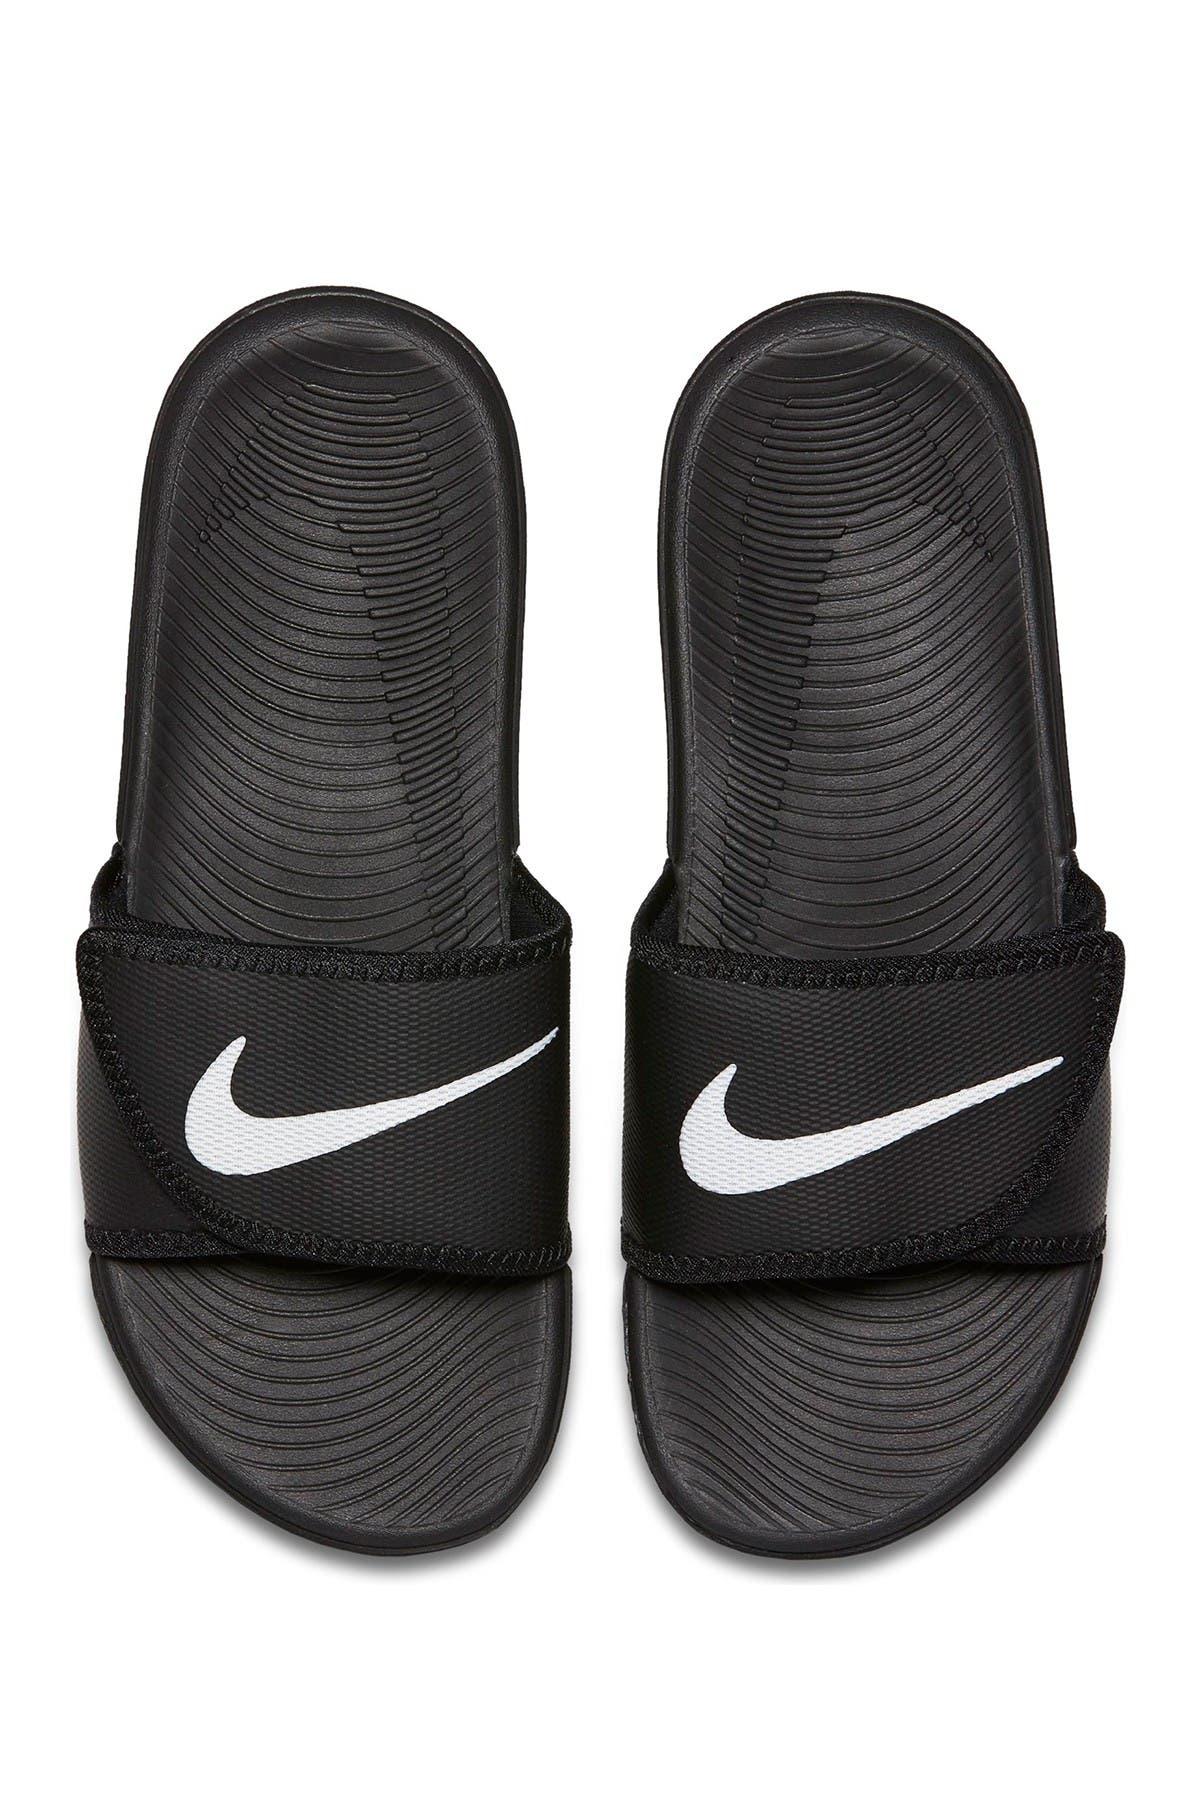 Nike | Kawa Adjustable Slide Sandal